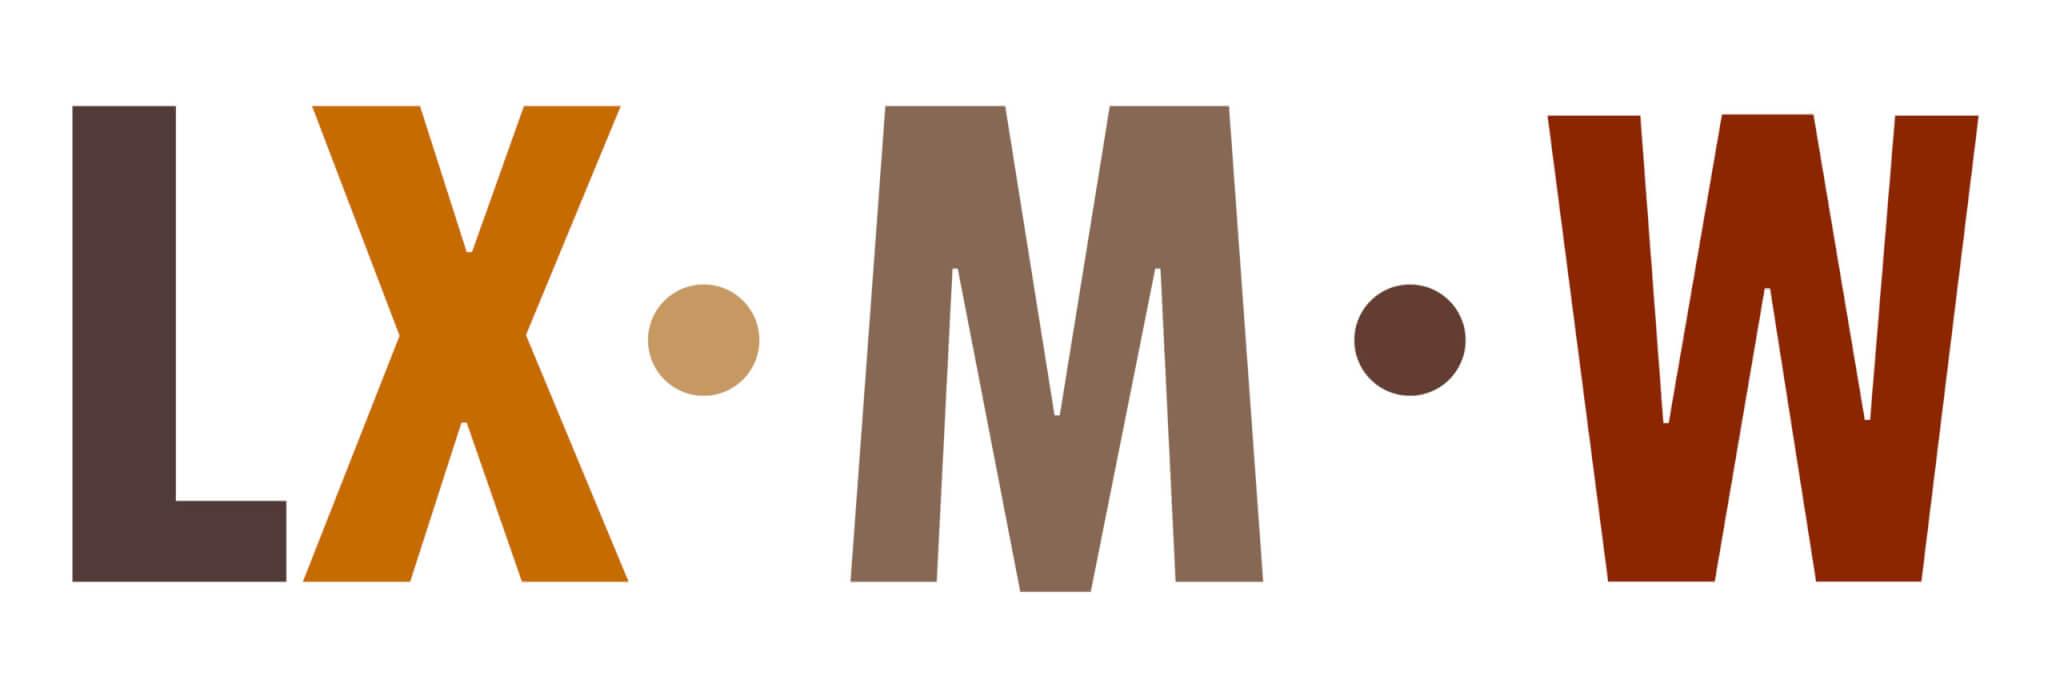 LxMW-3_Mesa-de-trabajo-1